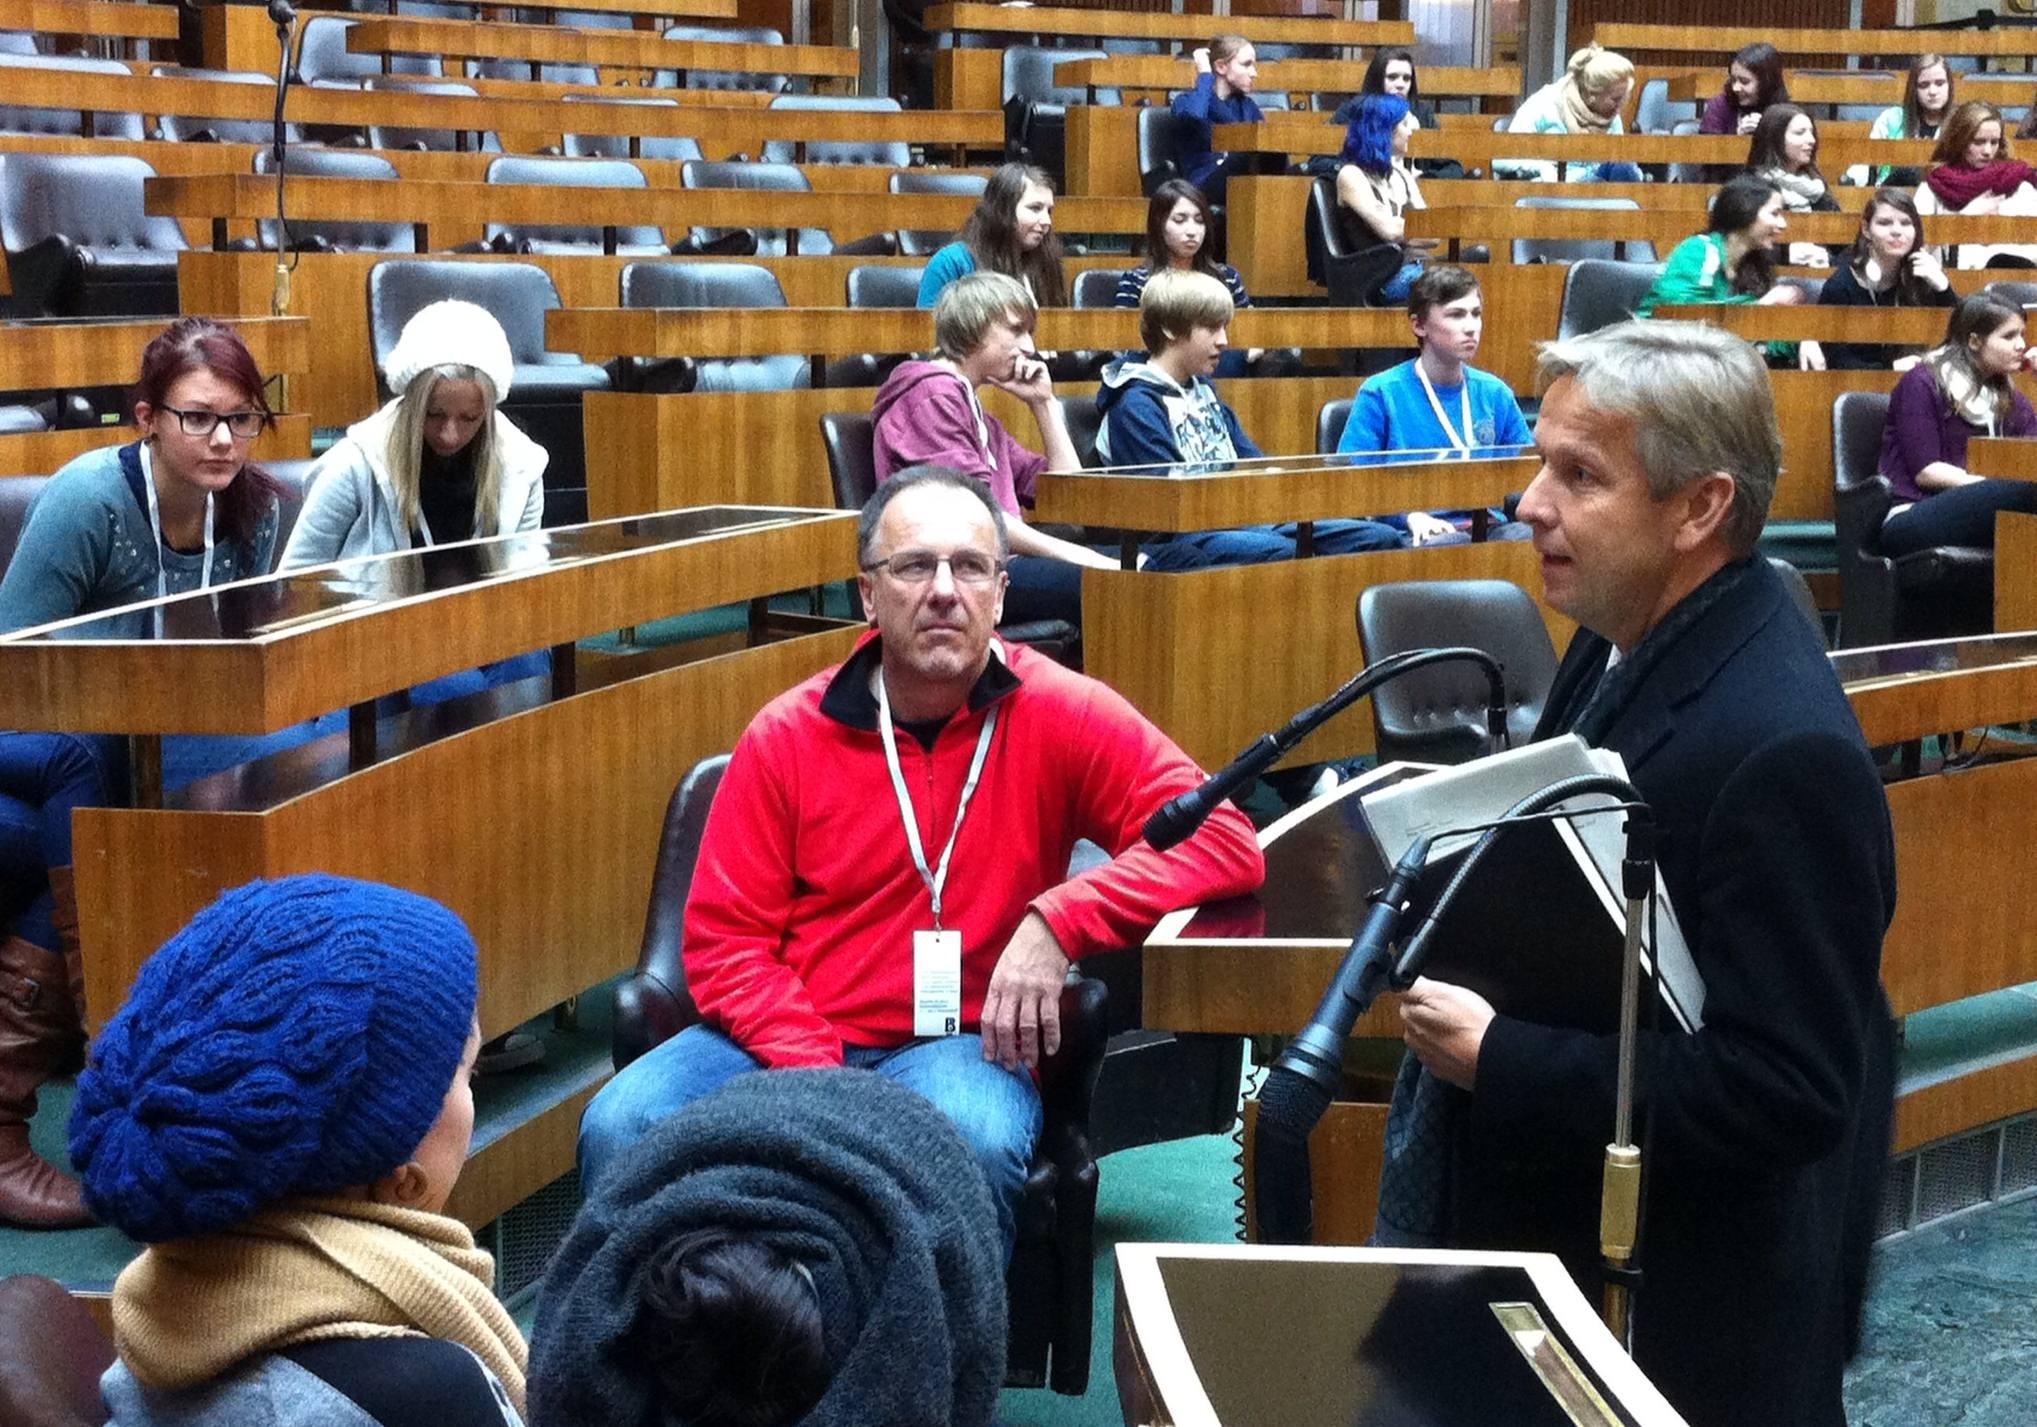 (c) BMEIA, STS Lopatka und Schüler des Gymnasiums Hartberg im Parlament